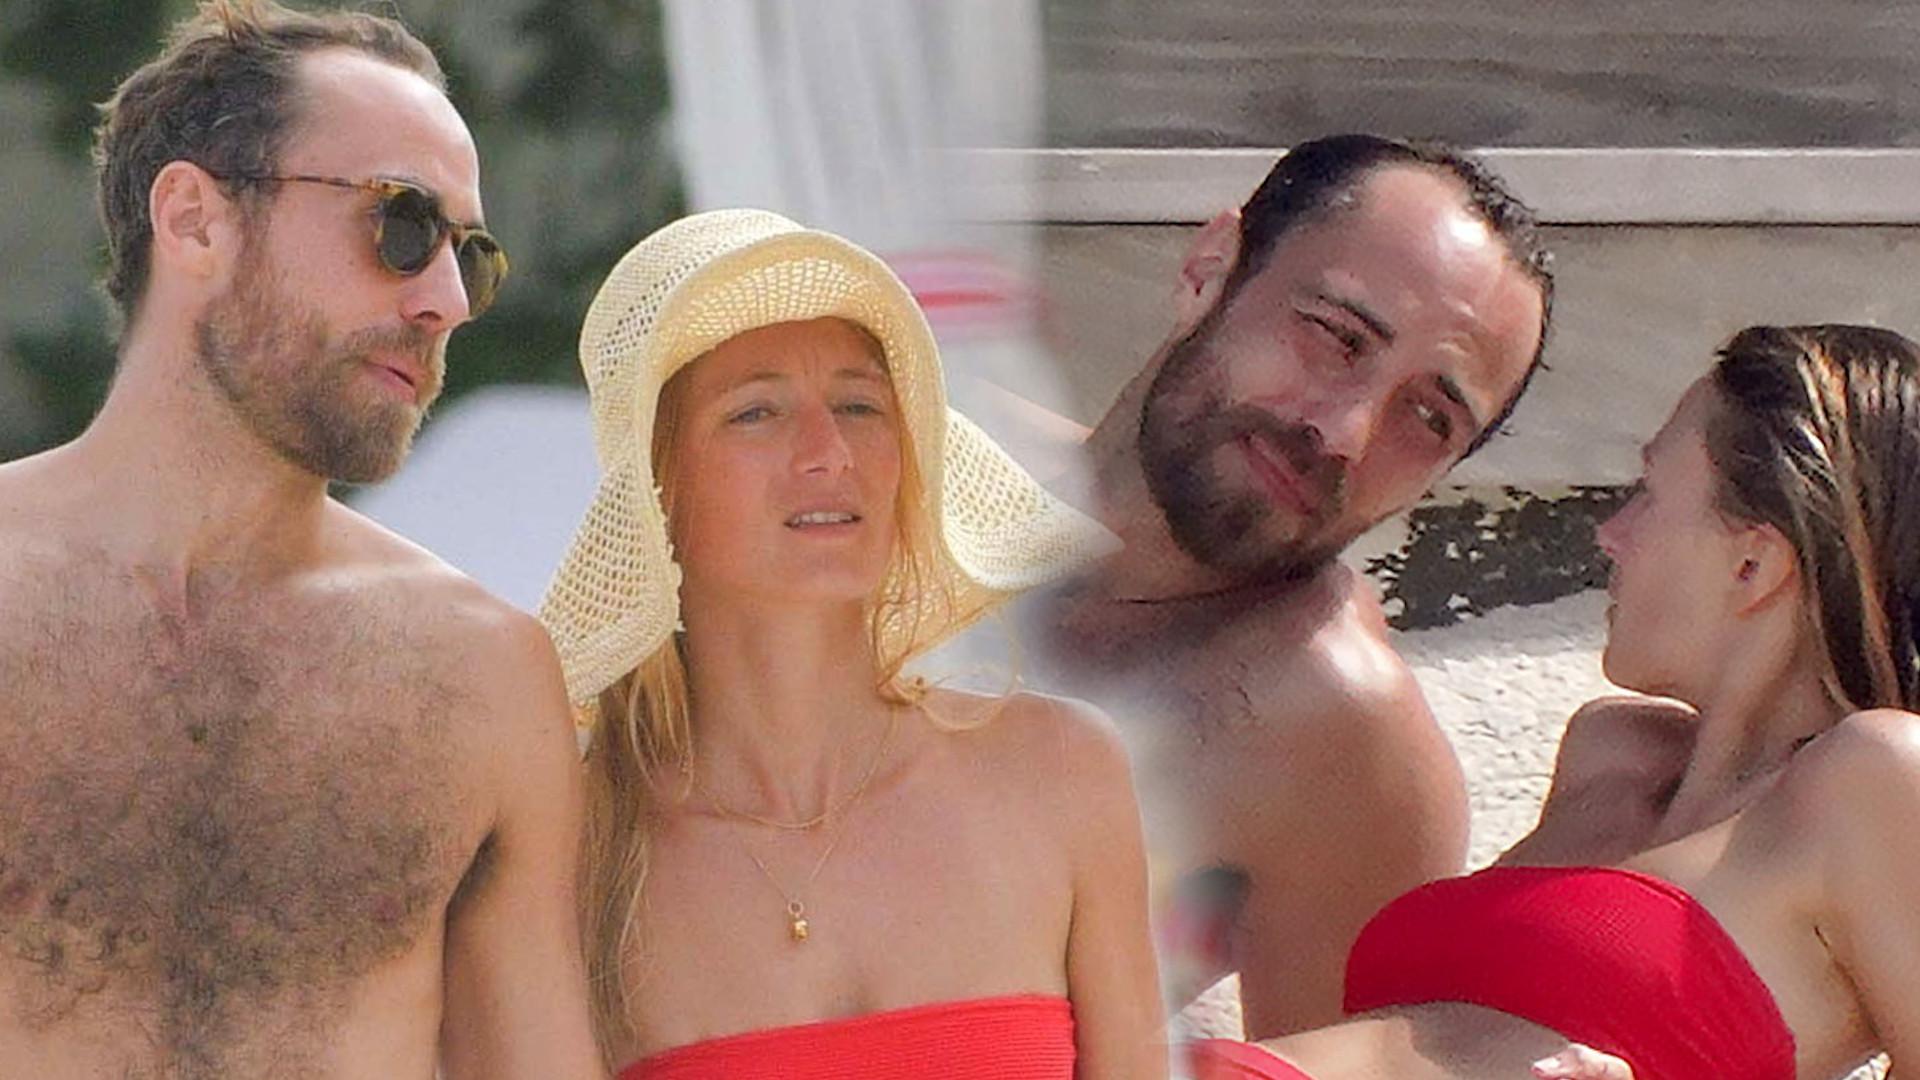 James Middleton z narzeczoną na wakacjach. Ale ona ma FIGURĘ! (ZDJĘCIA)